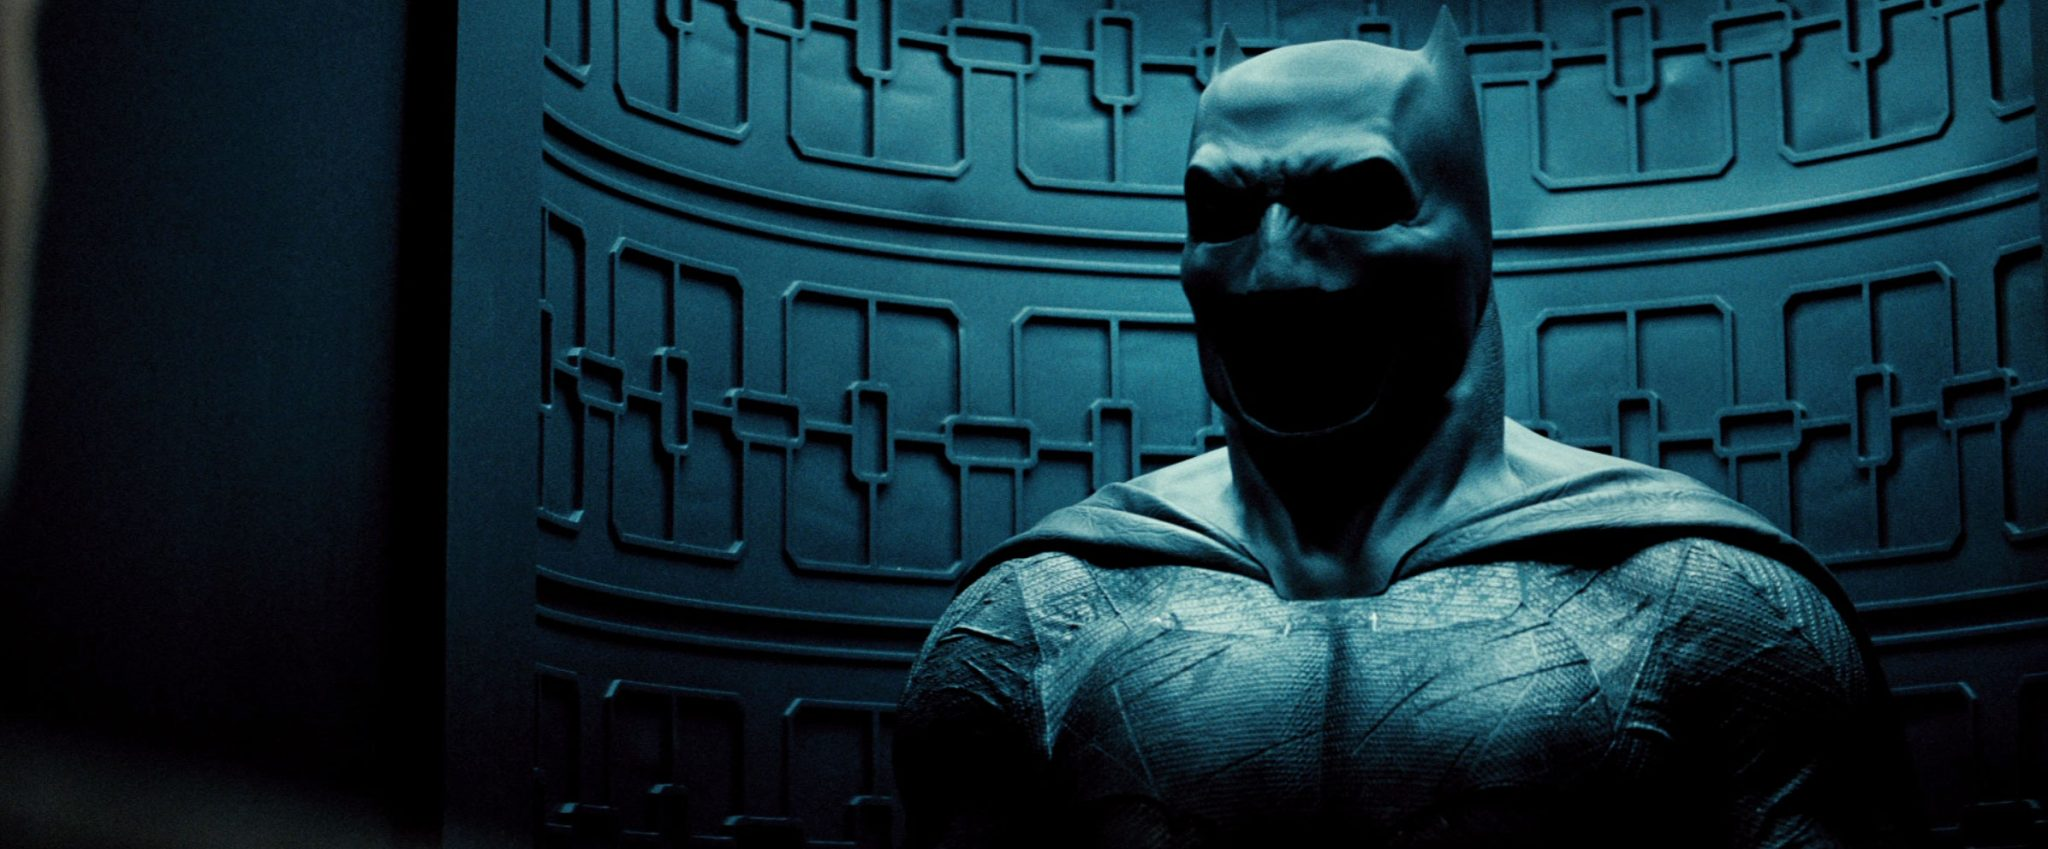 matt-reeves-departs-the-batman